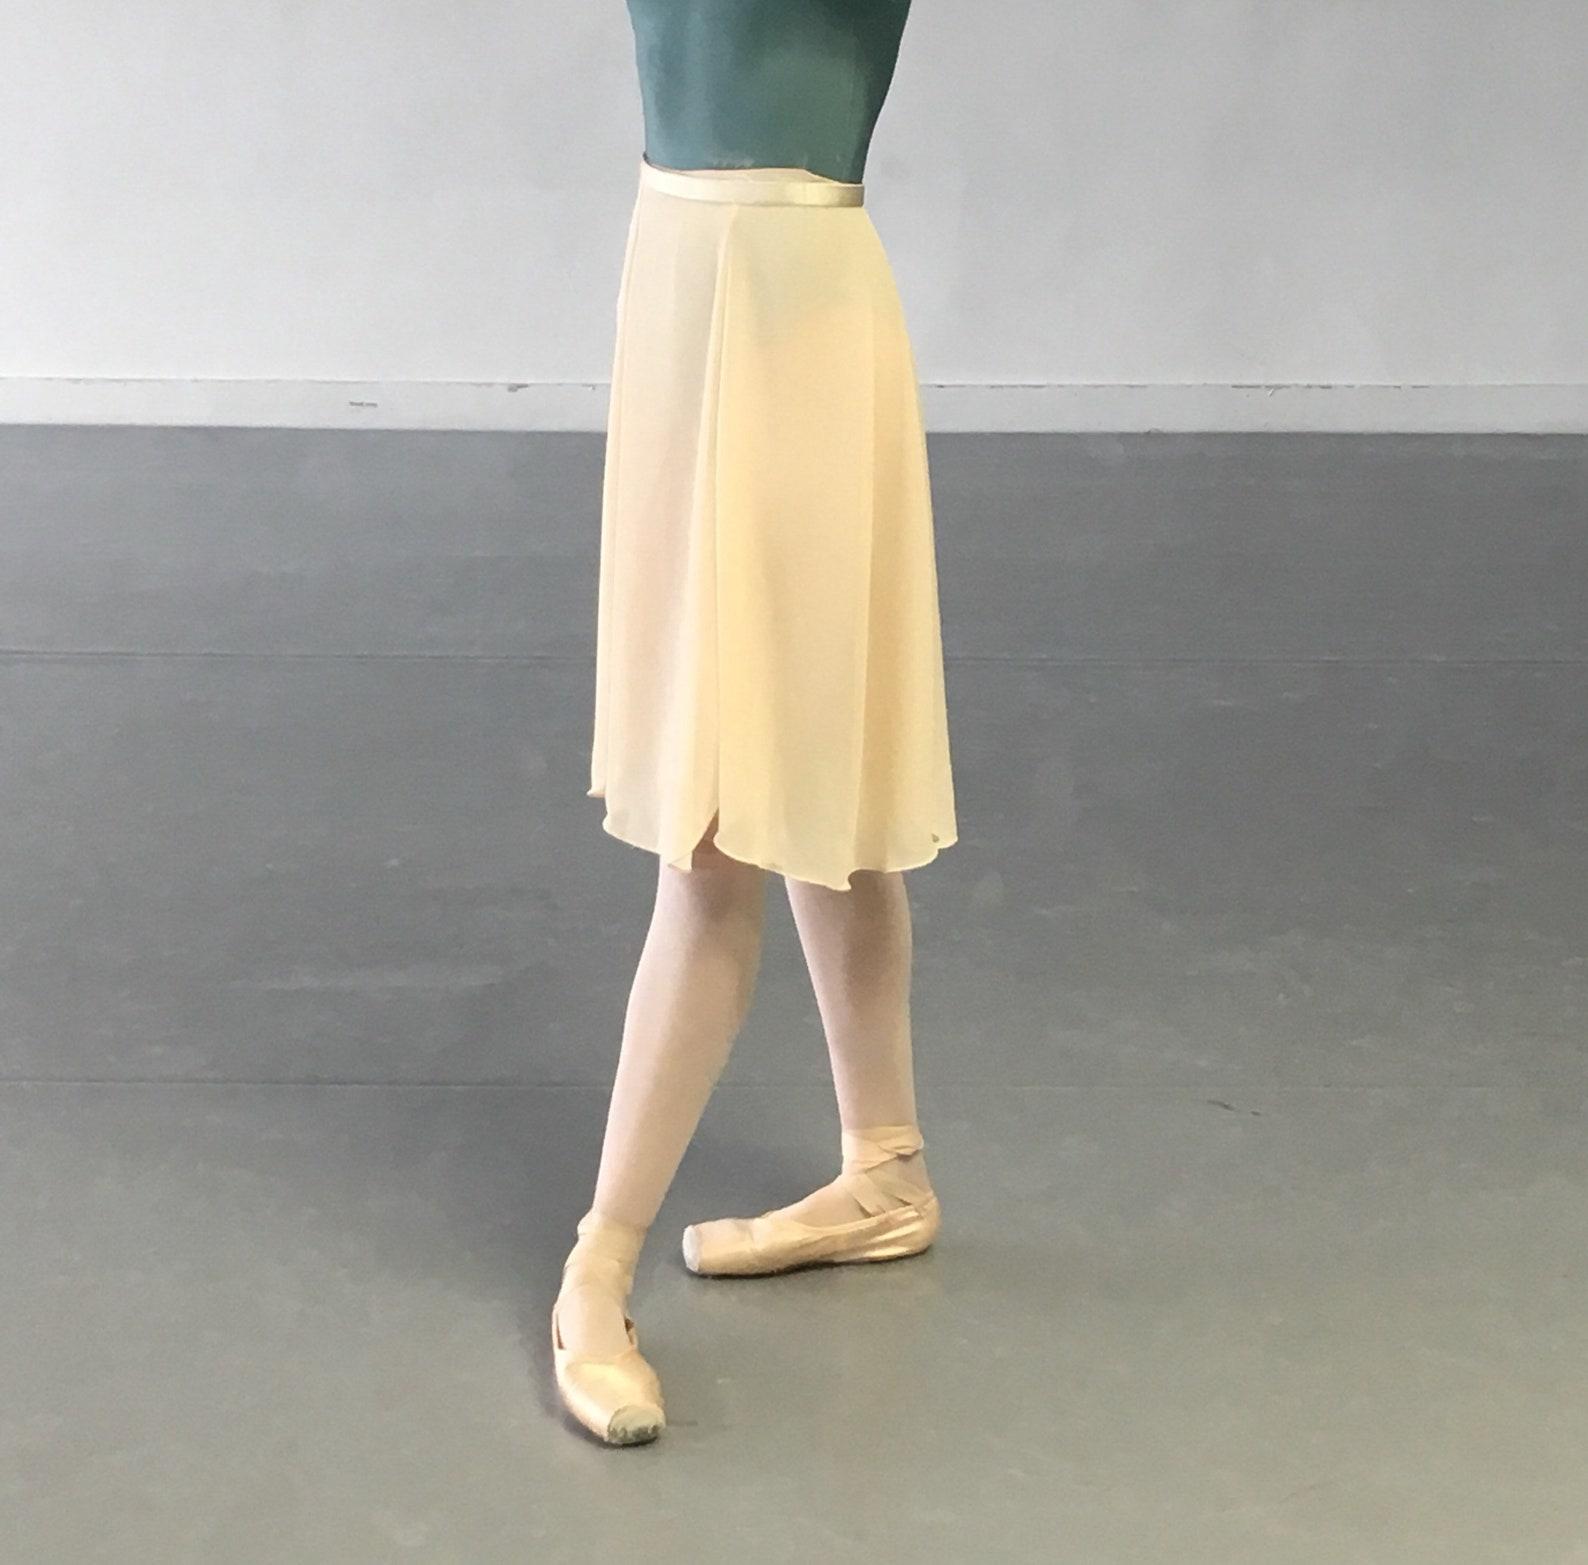 toi toi toi ballet skirt! rehearsal, class, performance. custard. aubrey style.